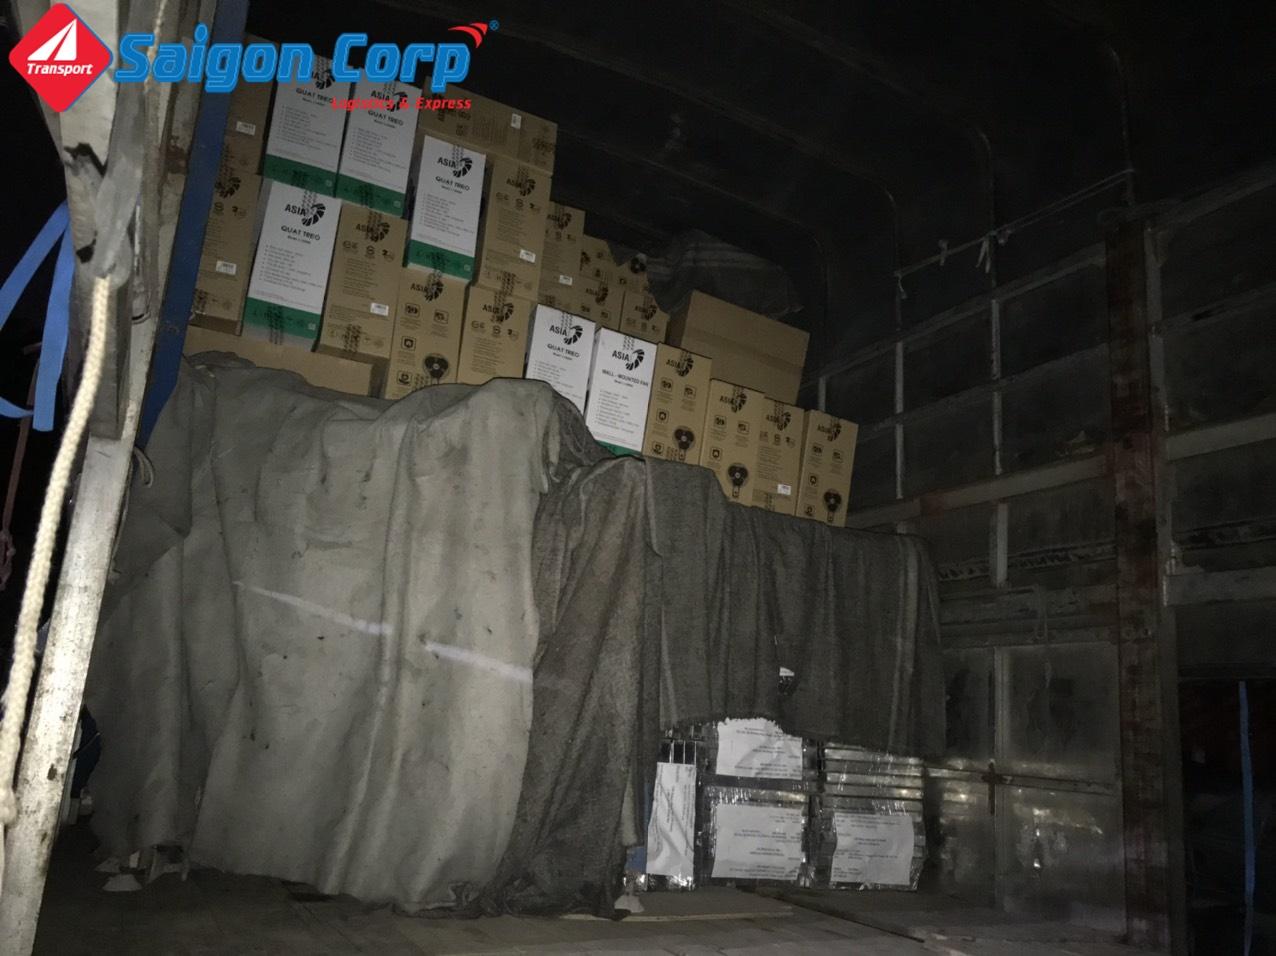 Gửi hàng Đà Nẵng đi Tp.HCM